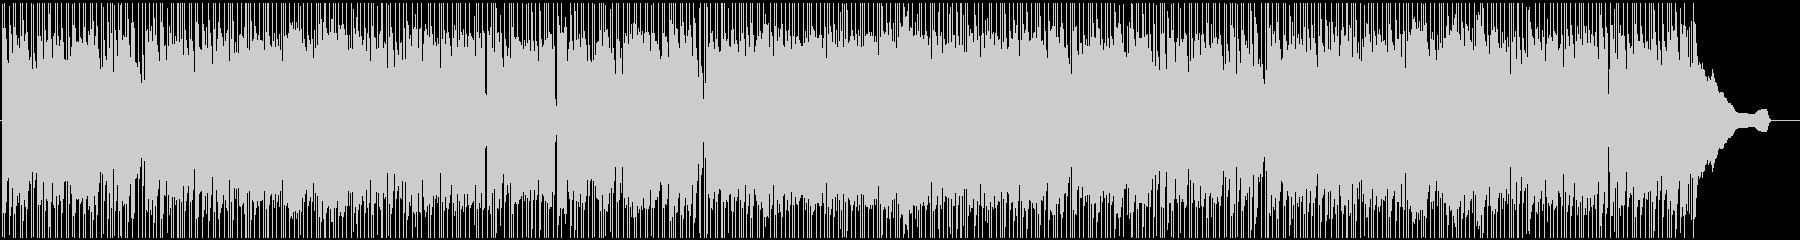 躍動感のあるイケイケなポップロックの未再生の波形